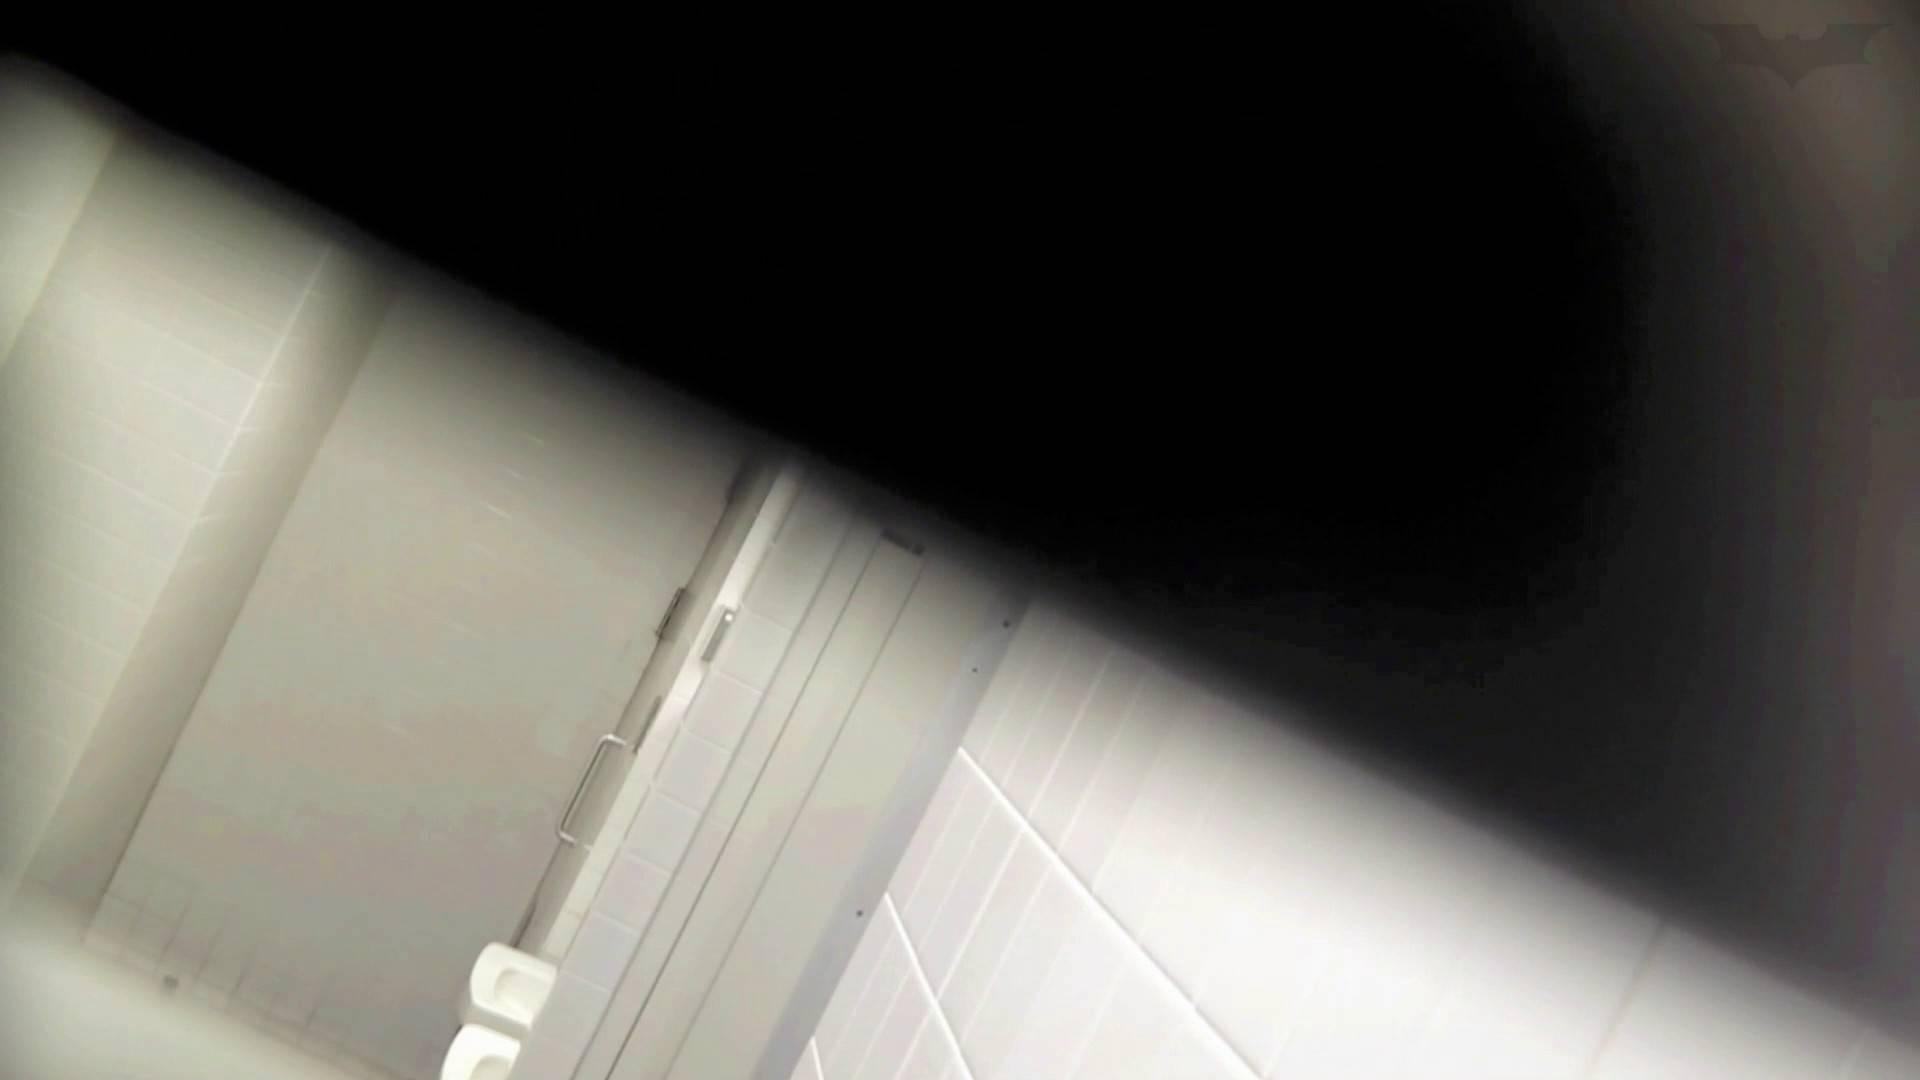 アダルトエロ動画|お銀 vol.71 レベルアップ!!|怪盗ジョーカー